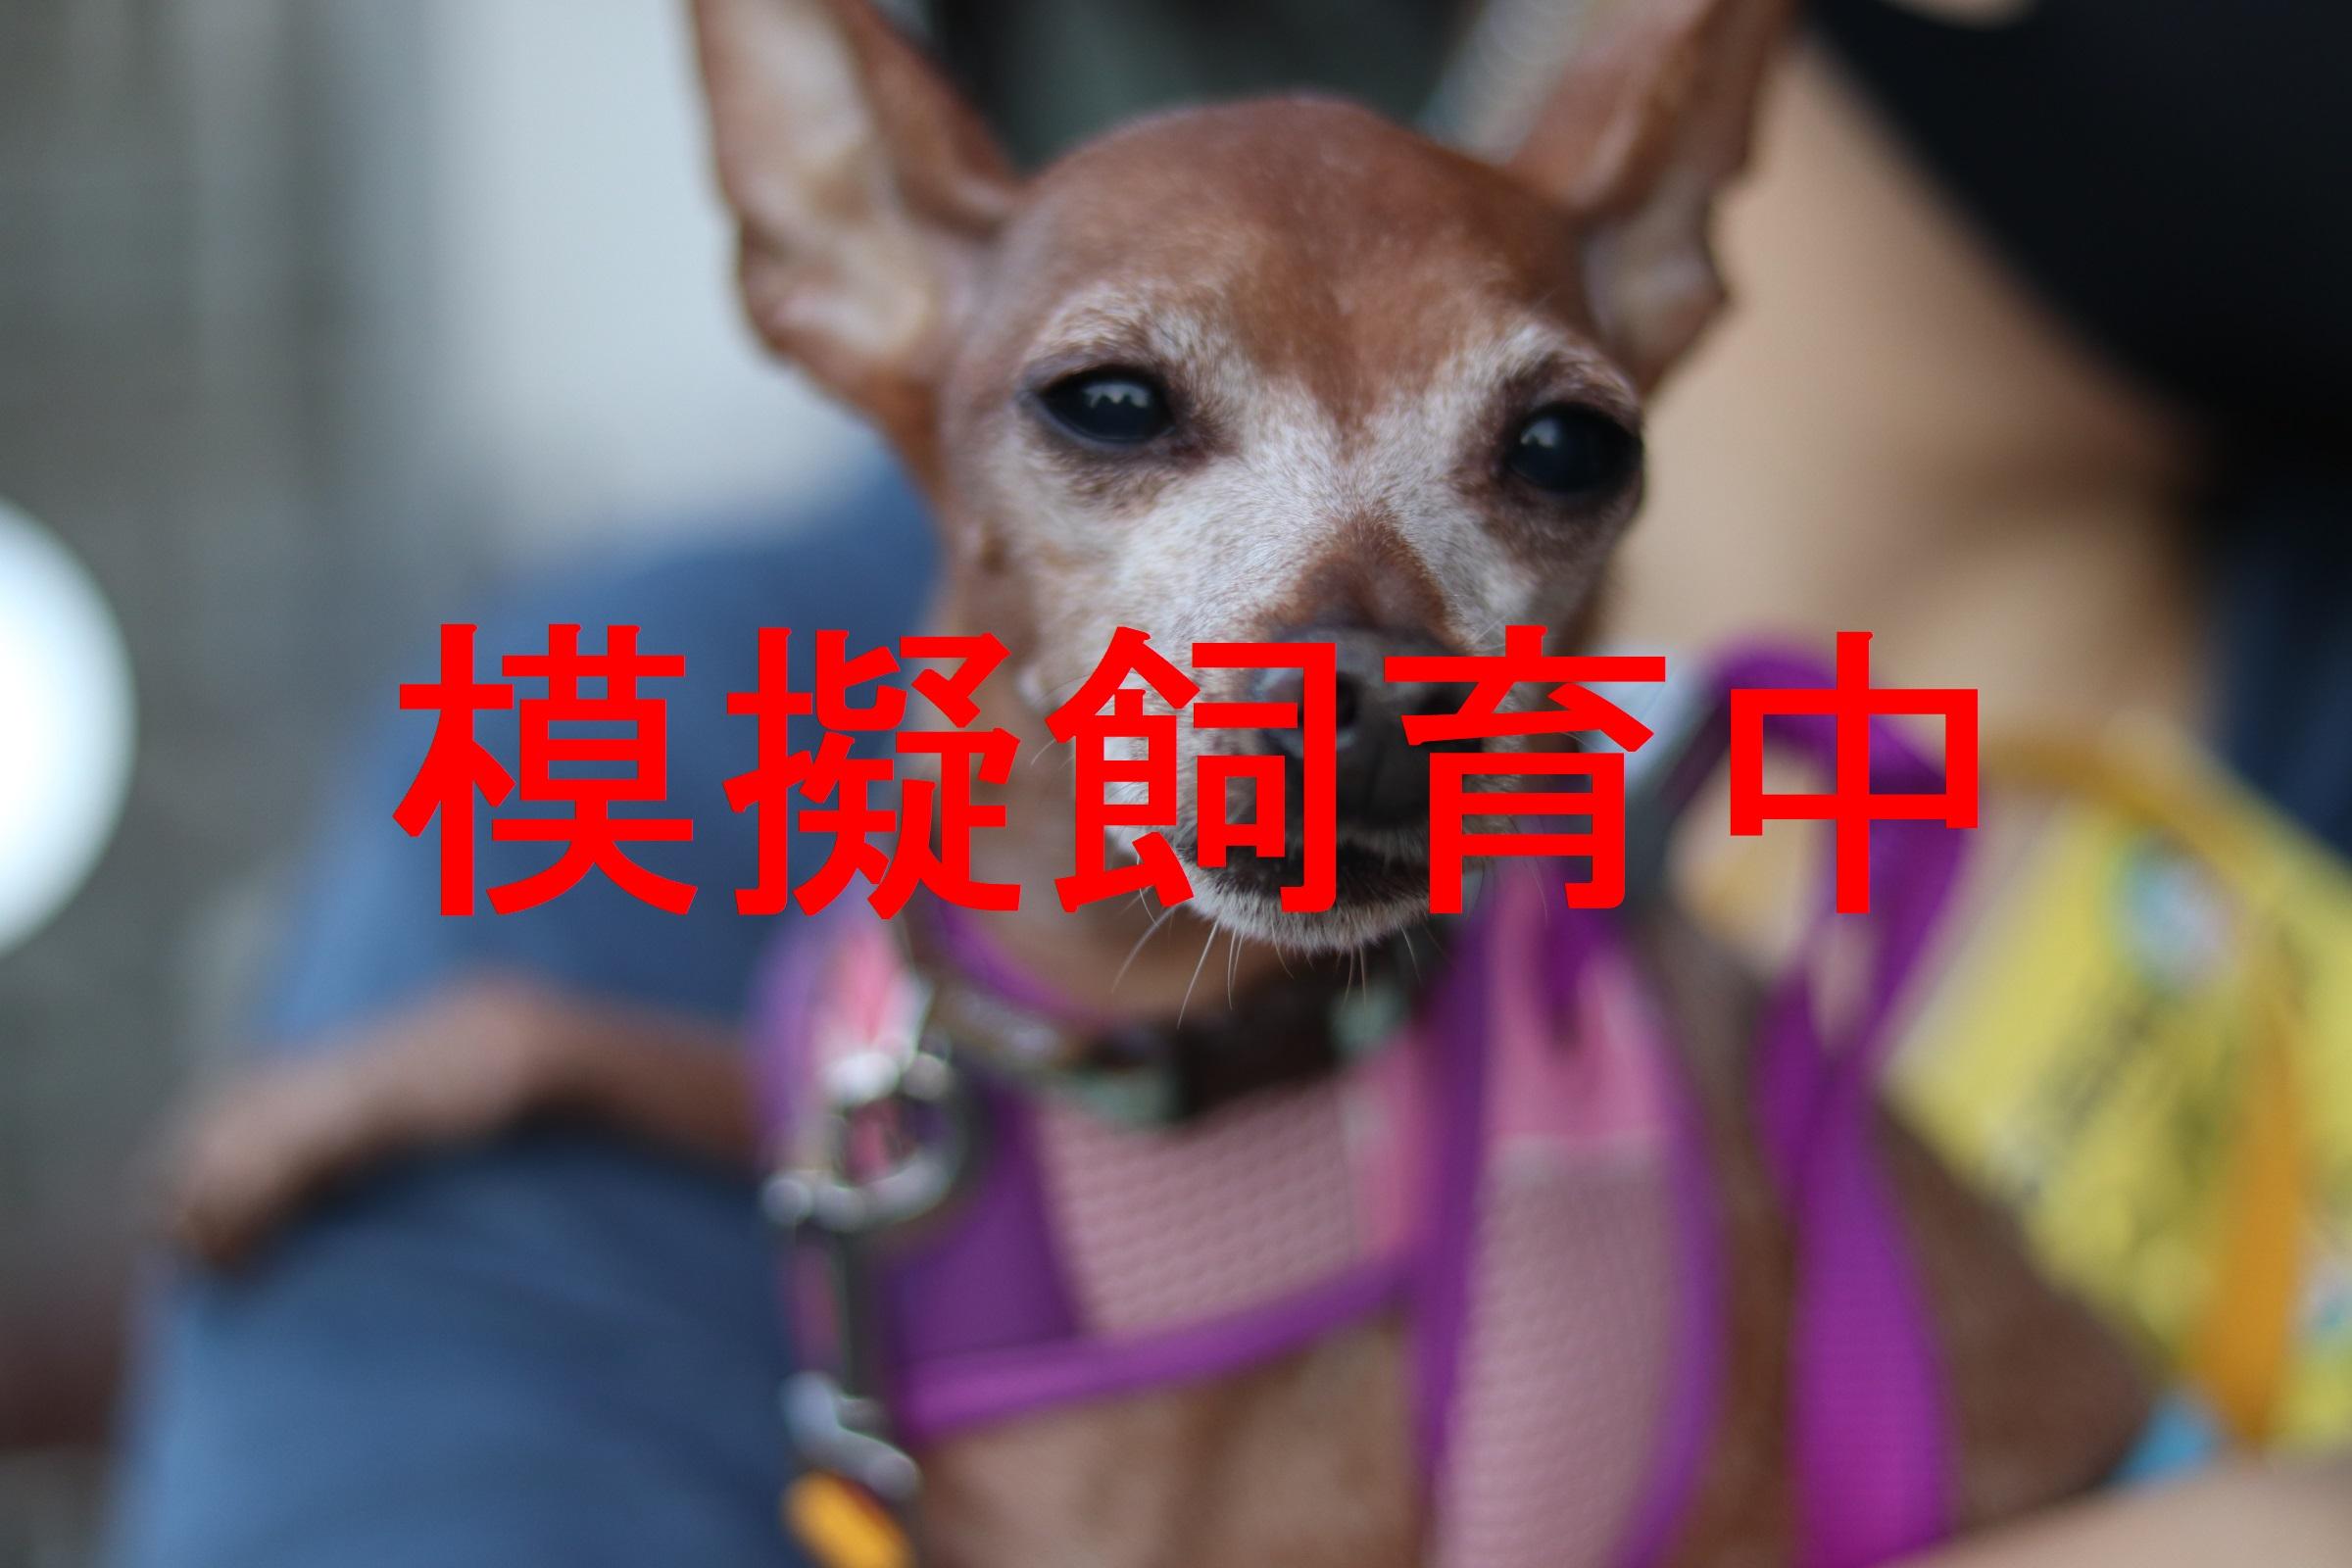 <ul> <li>犬種:ミニチュアピンシャー</li> <li>性別:男の子</li> <li>名前:こじろう</li> <li>年齢:2010年4月26日生まれ</li> <li>保護経緯:飼い主のライフスタイルの変化のため飼育困難</li> </ul>